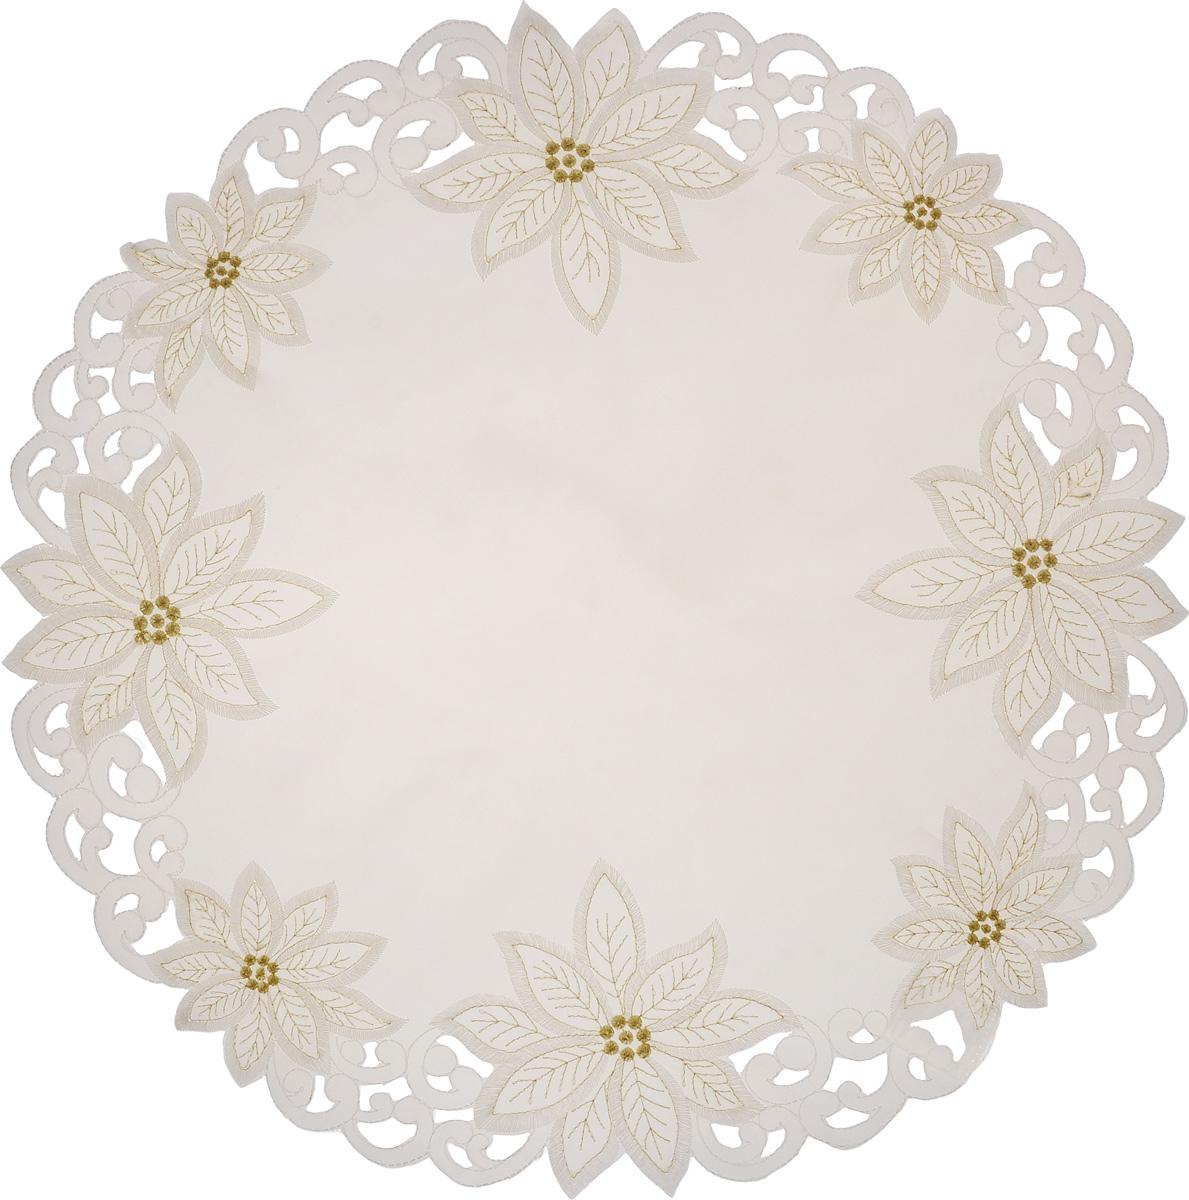 Салфетка Schaefer, круглая, цвет: молочный, золотой, диаметр 60 см. 07330-350-0307330-350-03Круглая салфетка Schaefer, выполненная из полиэстера, оформлена вышивками шелком по краю в виде цветов. Дизайнерские идеи немецких художников компании Schaefer воплощаются в текстильных изделиях, которые сделают ваш дом красивее и уютнее и не останутся незамеченными вашими гостями. Дарите себе и близким красоту каждый день! Диаметр салфетки: 60 см.